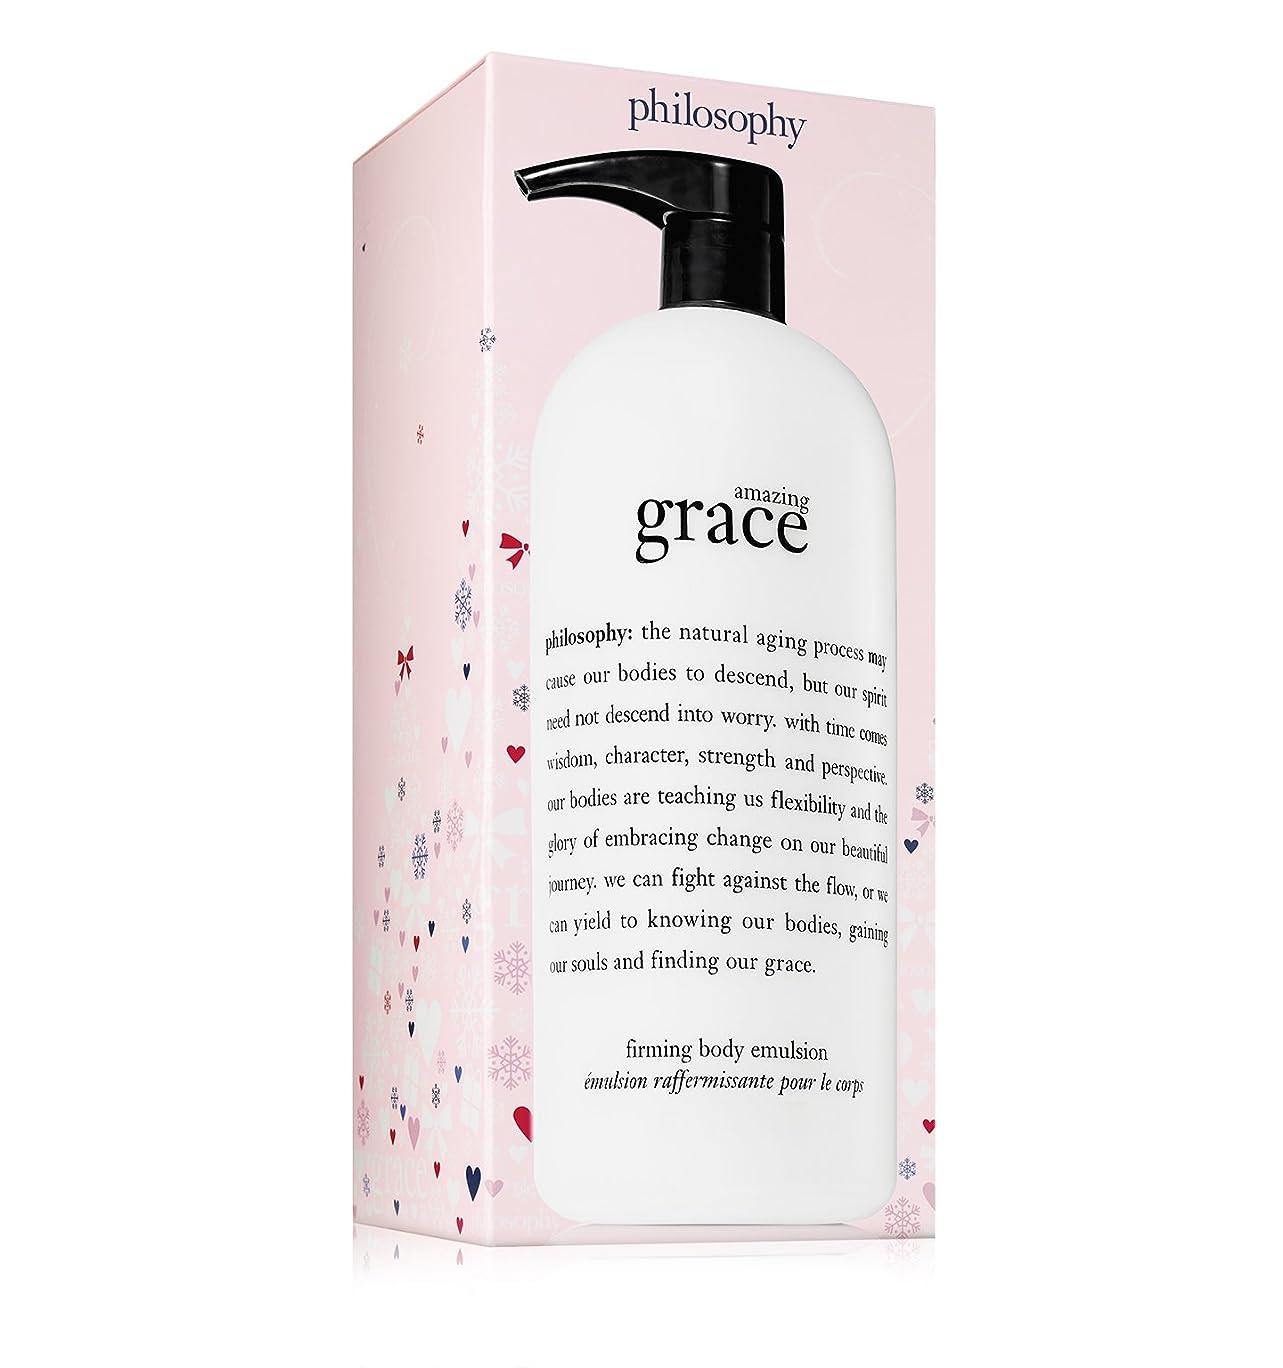 単にしてはいけない逆Philosophy - Amazing Grace Firming Body Emulsion Jumbo Limited Edition Holiday 2017